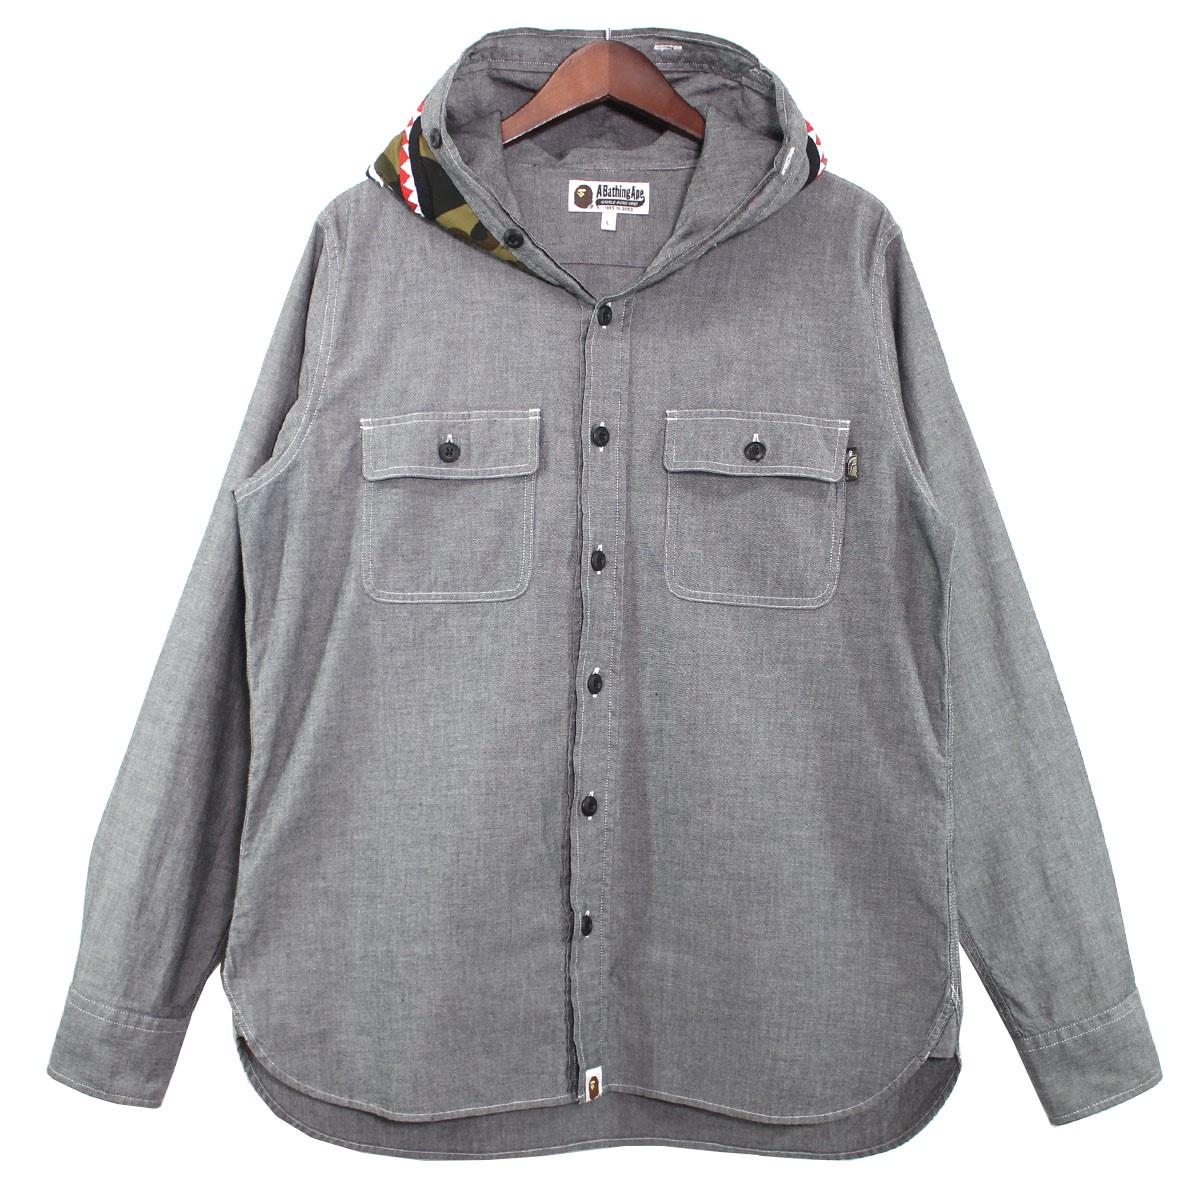 【中古】A BATHING APE シャンブレーシャークシャツ グレー サイズ:L 【120620】(アベイシングエイプ)